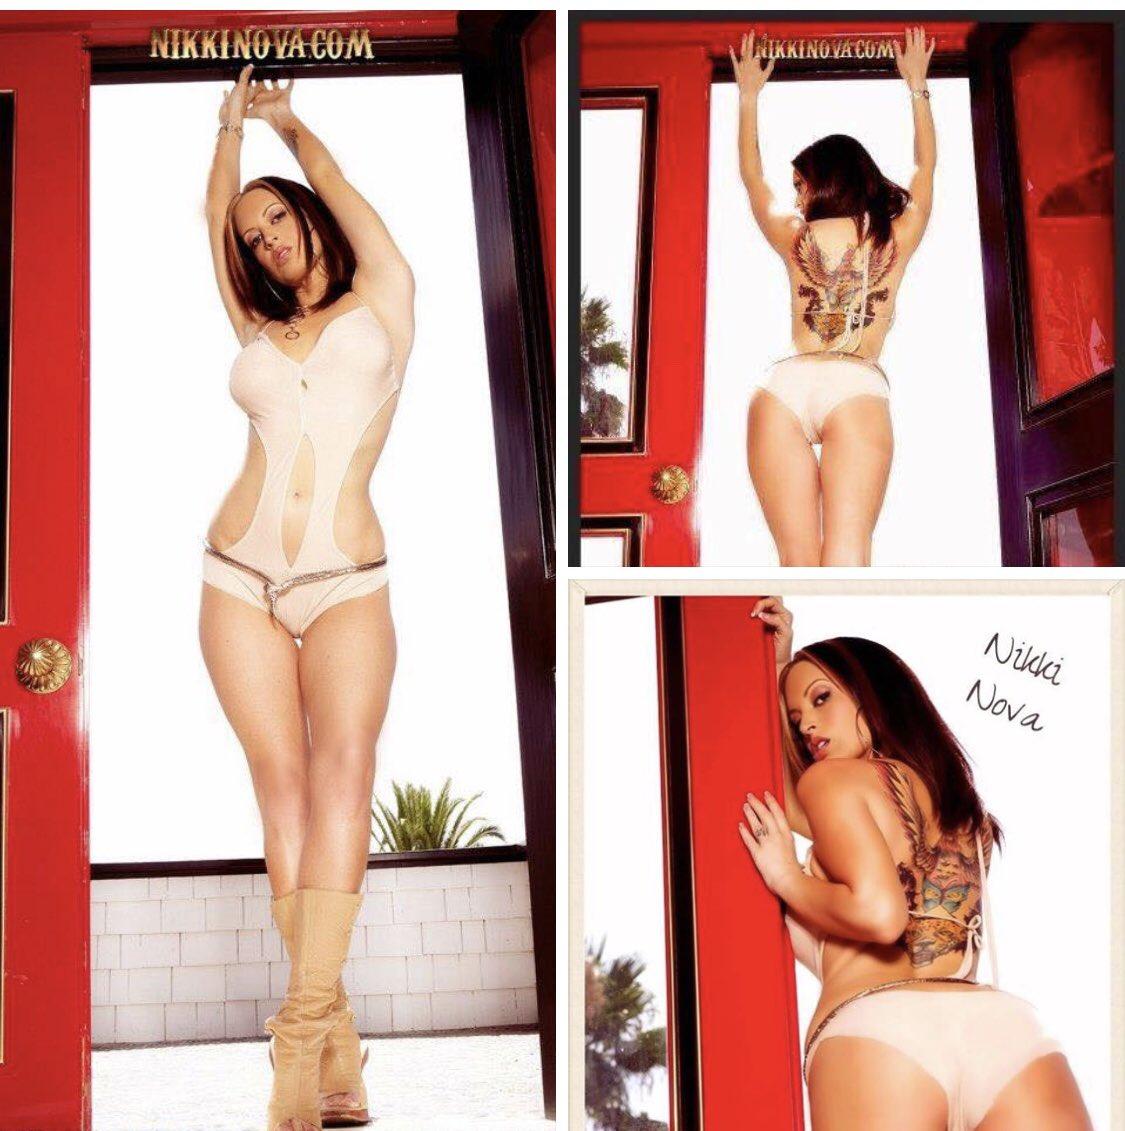 #FlashbackFriday #NikkiNova #model #California XKJ0K3avqd